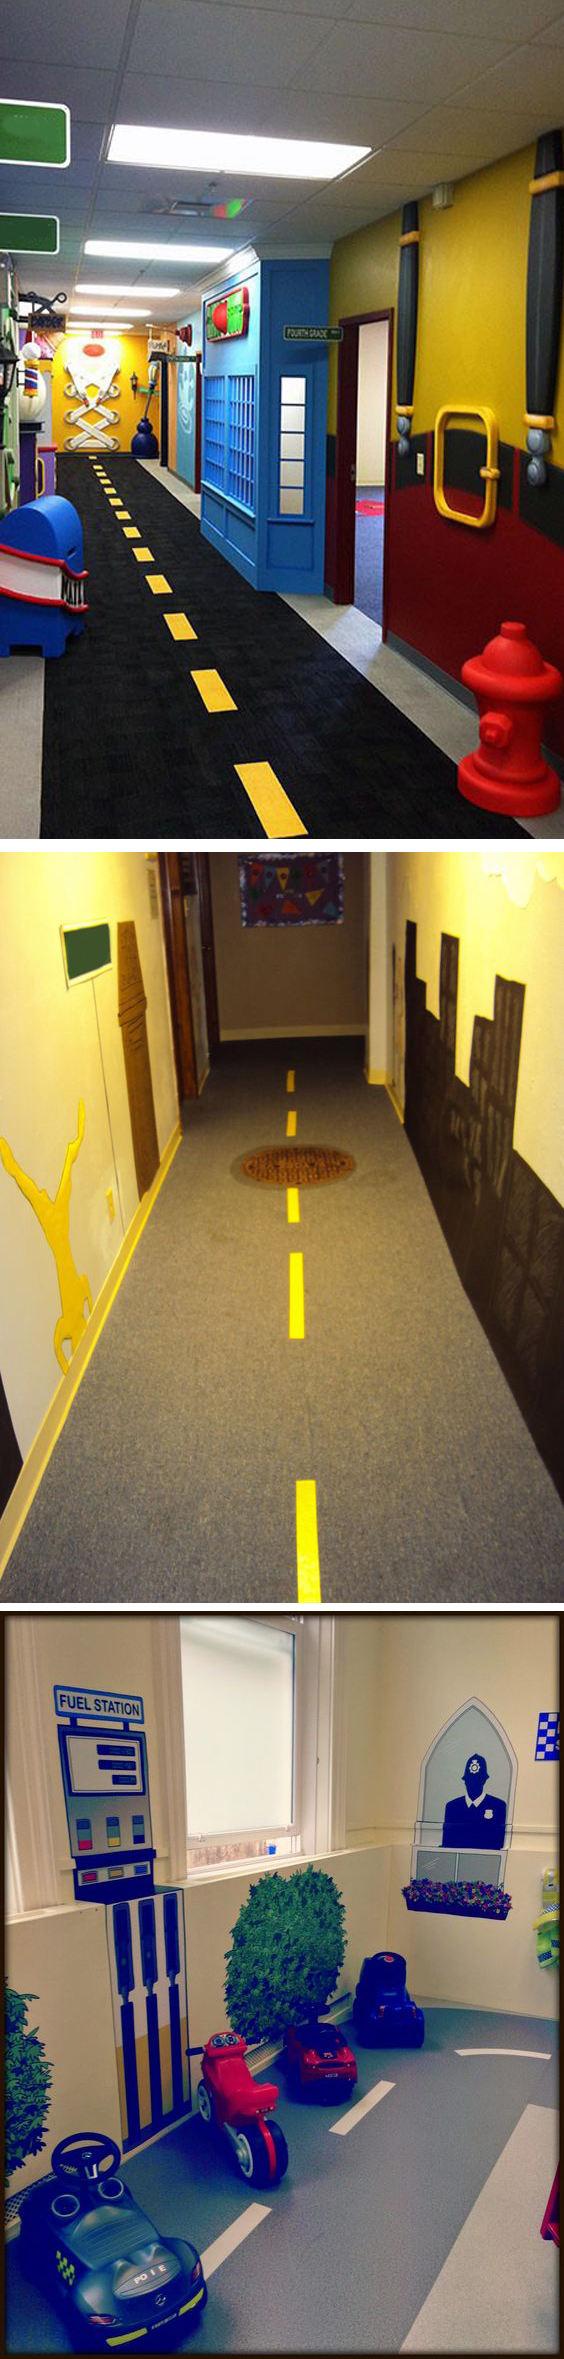 走廊 .jpg